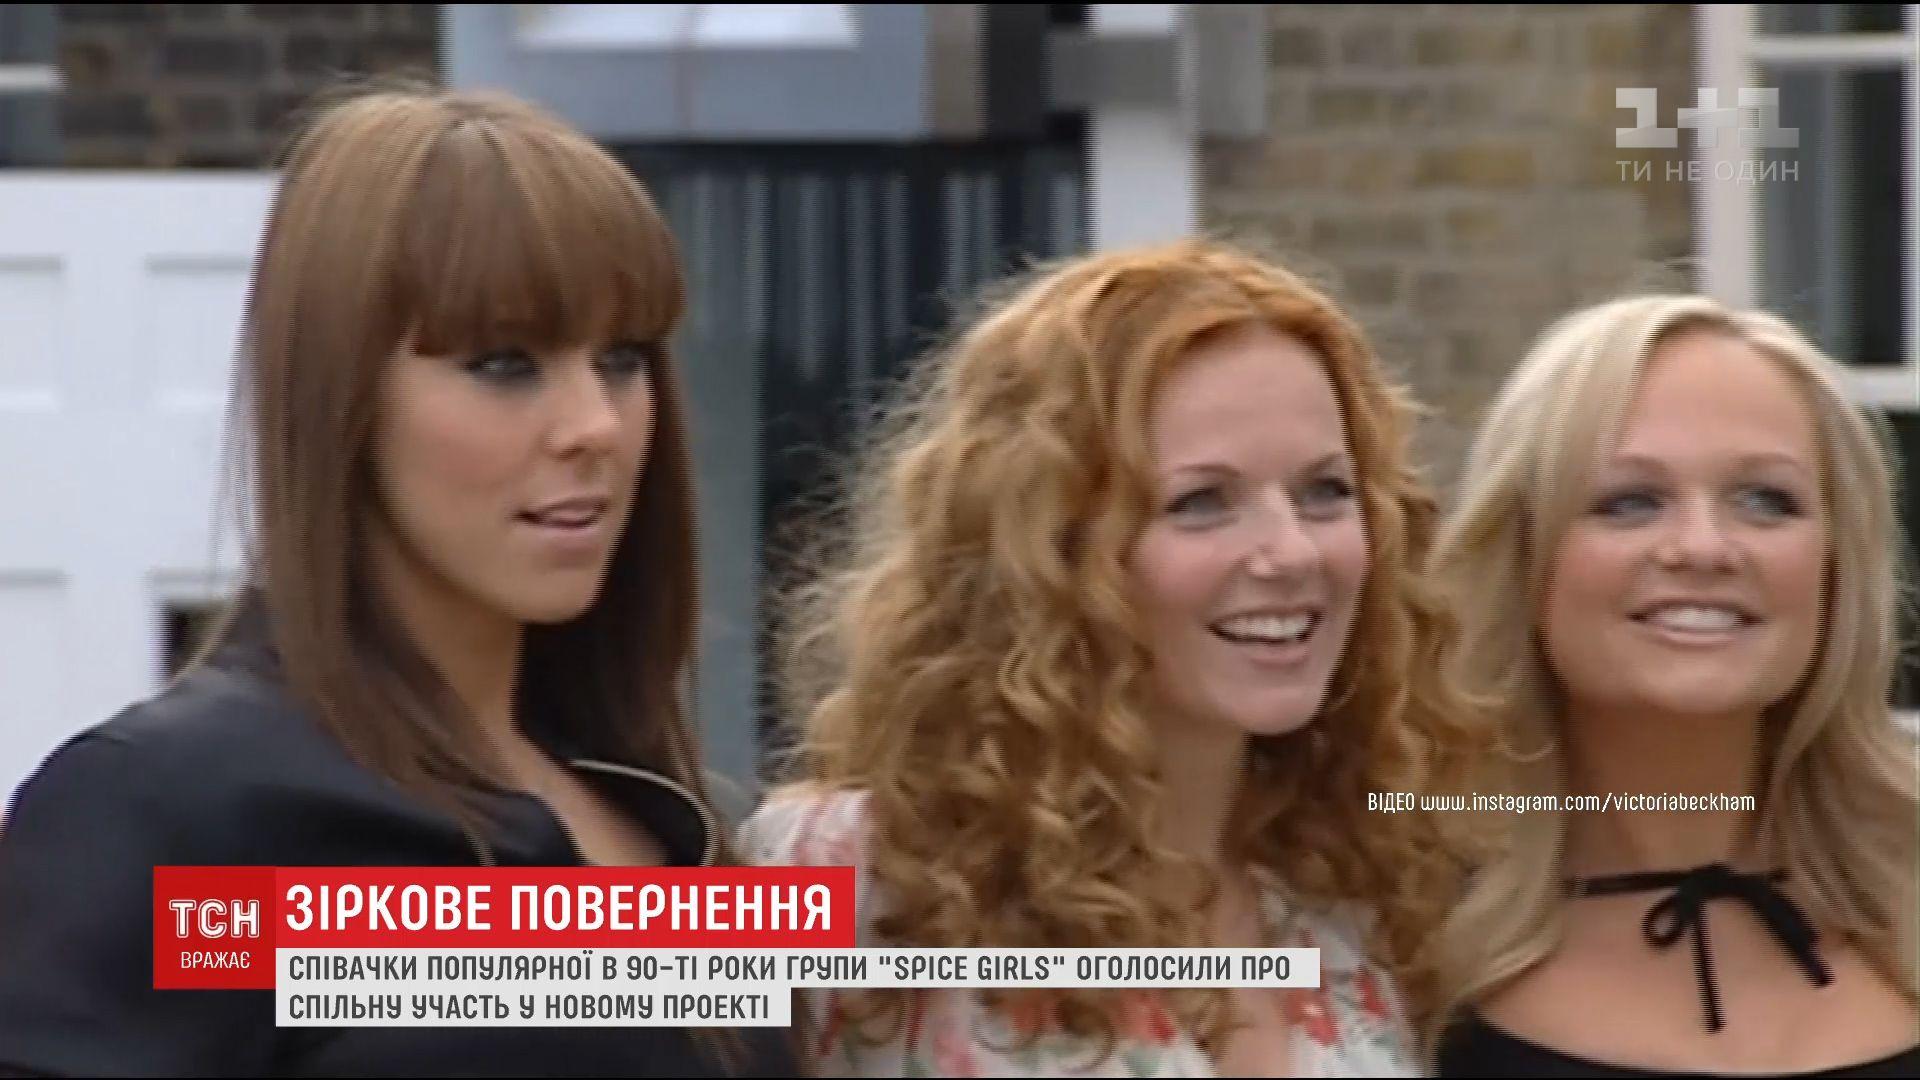 Девушки из группы Spice Girls планируют собраться для участия в новом проекте /